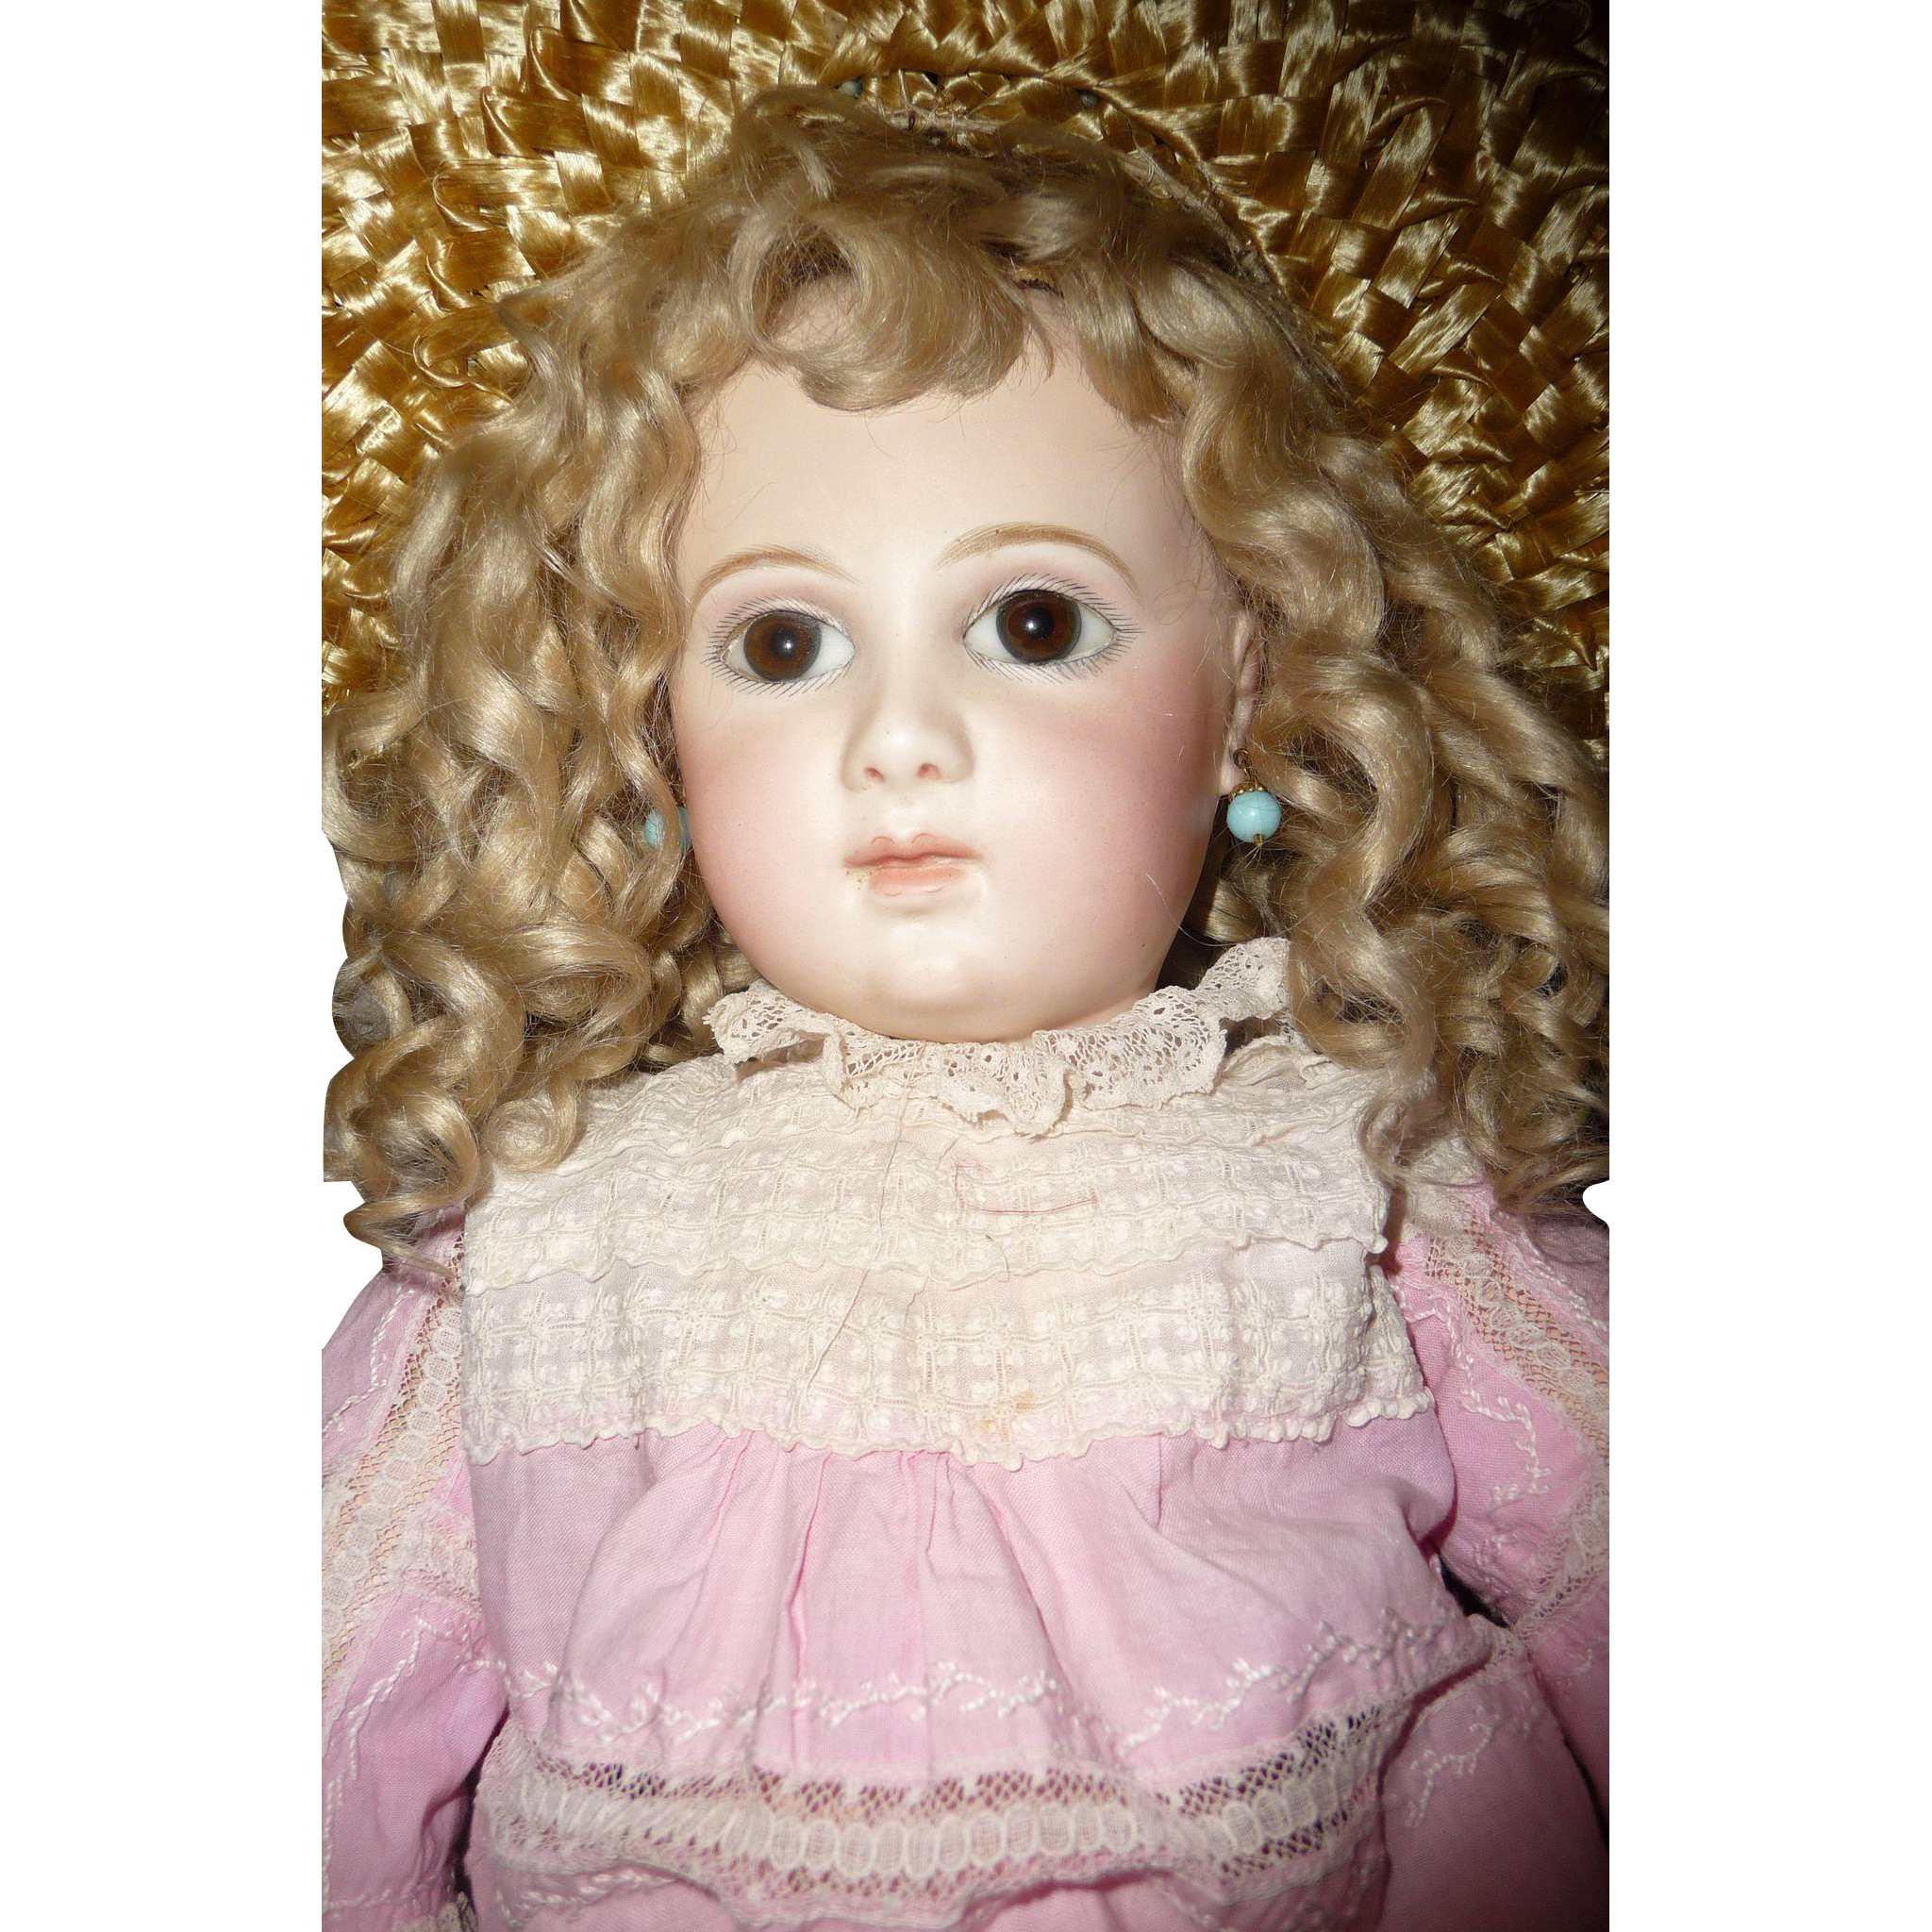 Antique portrait Jumeau french doll large first series almond eyed portrait Jumeau french bebe